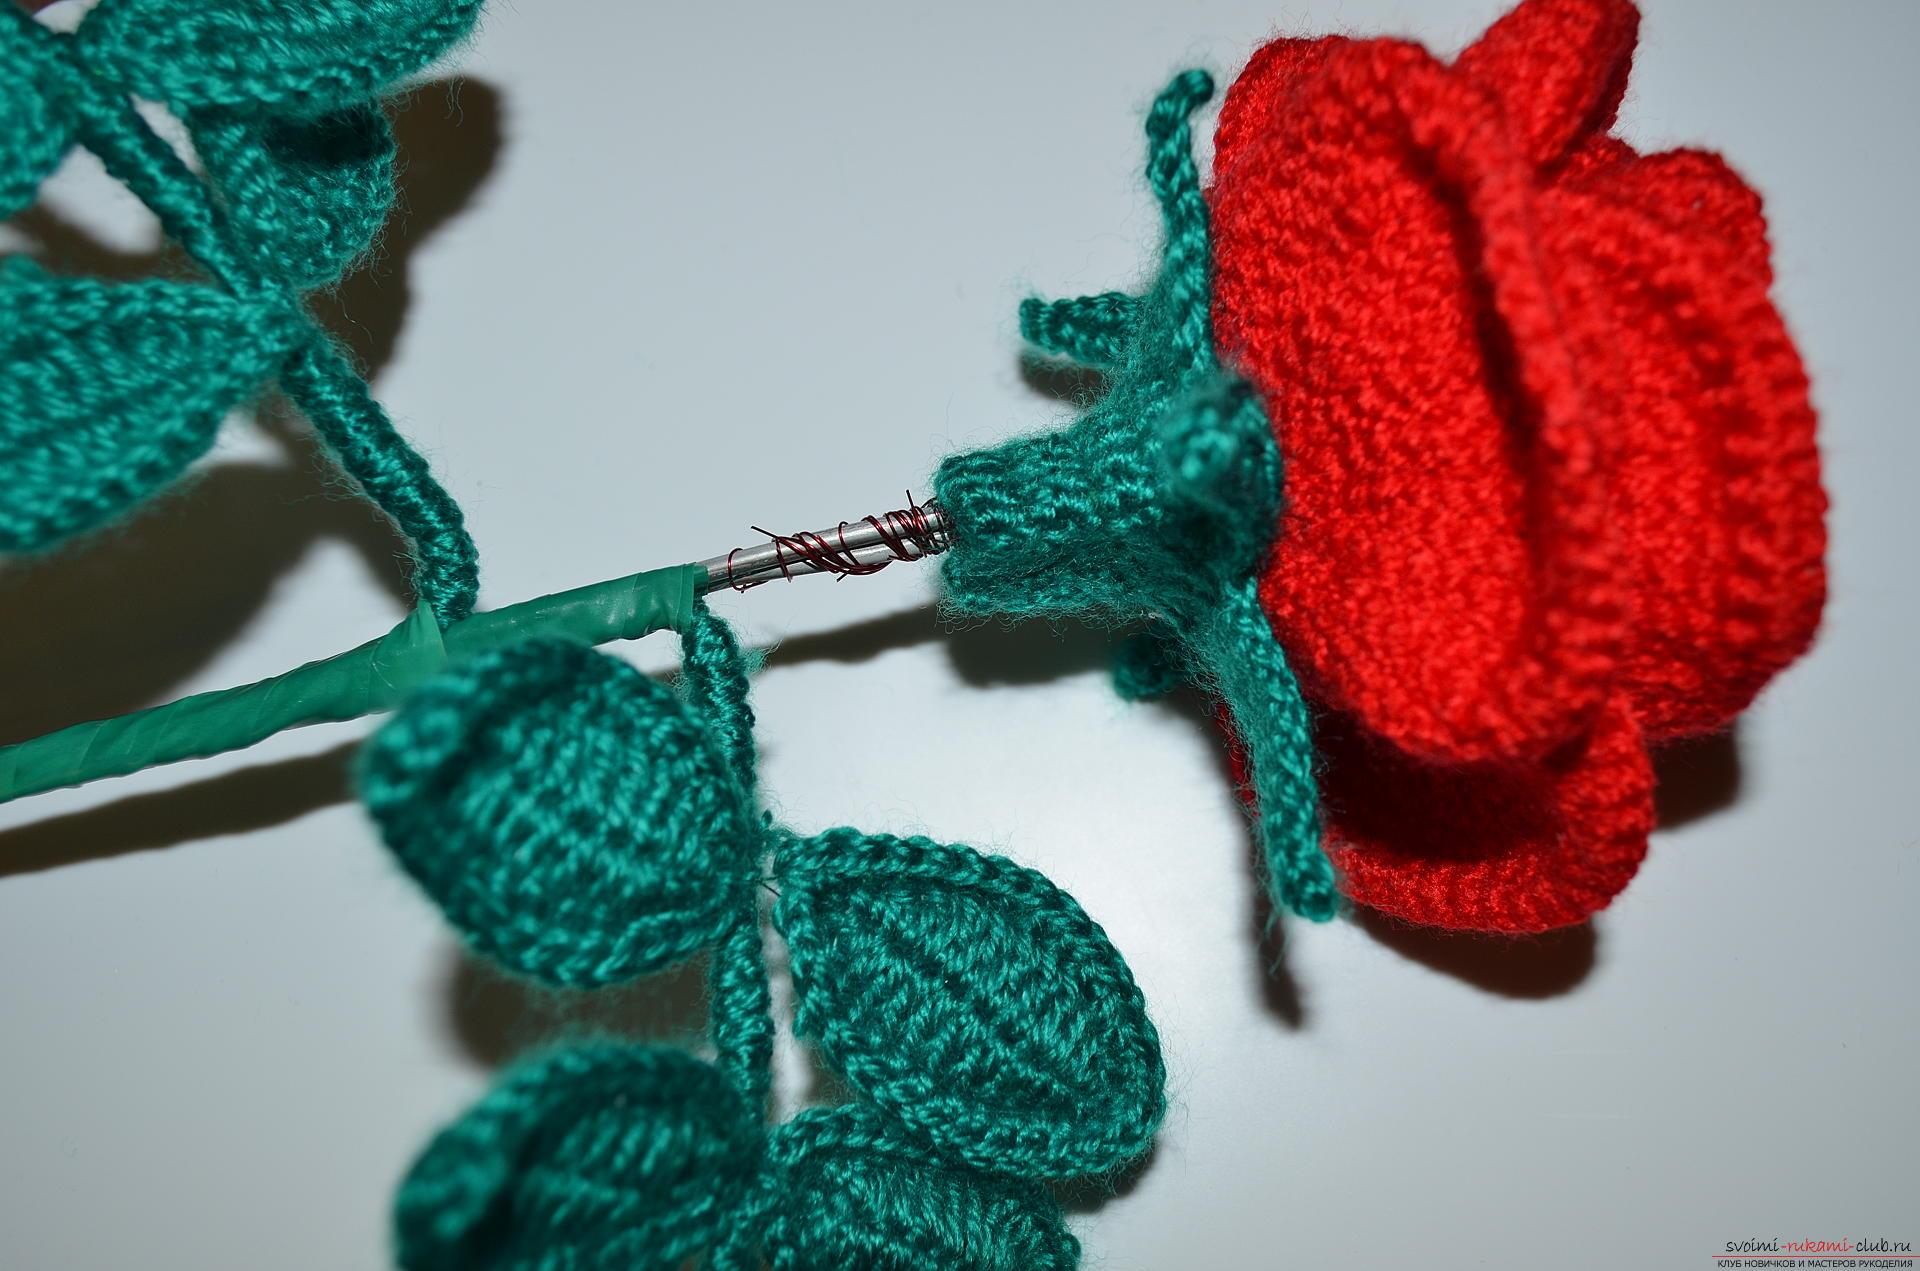 Вязание крючком роз мастер класс 97